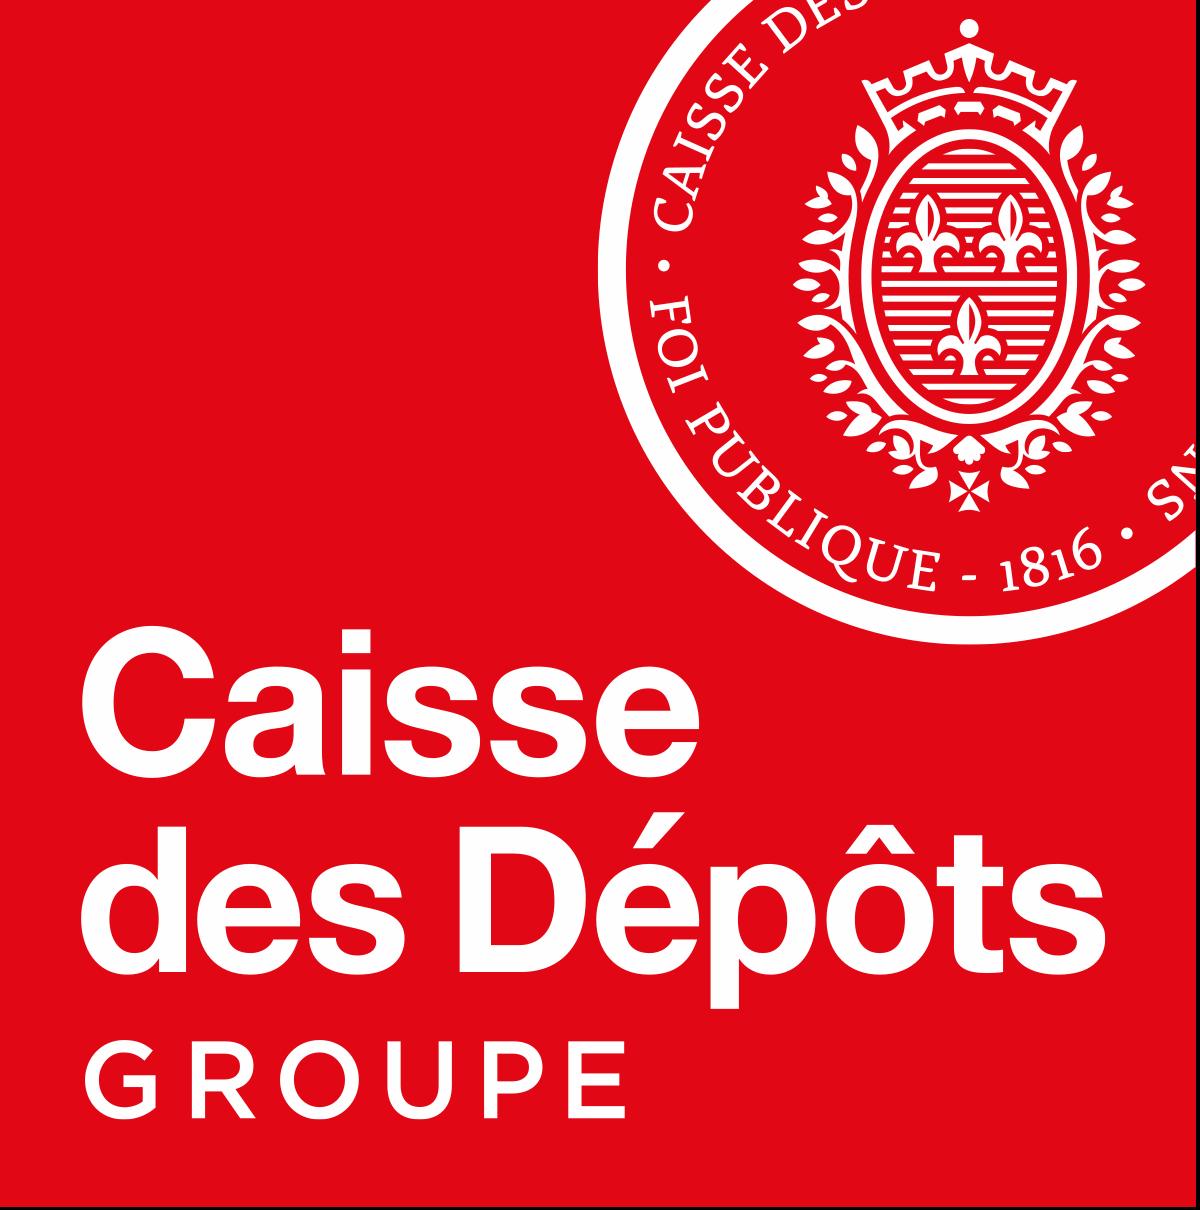 Caisse des Dépôts Group